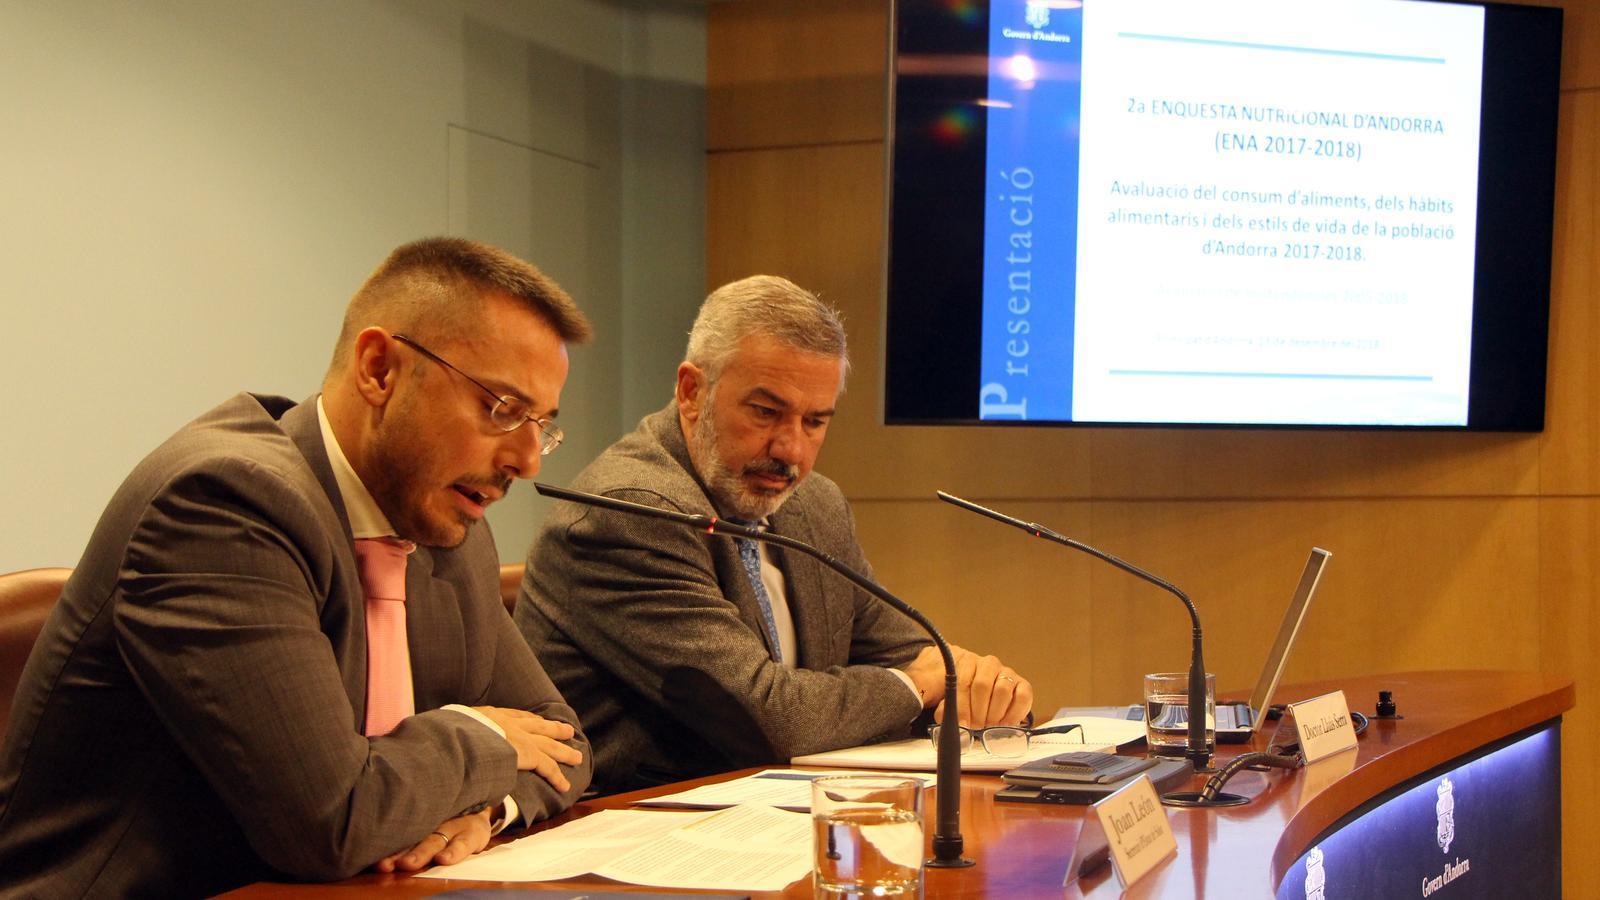 El secretari d'Estat de Salut, Joan León, i el doctor Lluís Serra, presenten els resultats de l'Enquesta Nutricional d'Andorra 2017-2018. / C. G. (ANA)